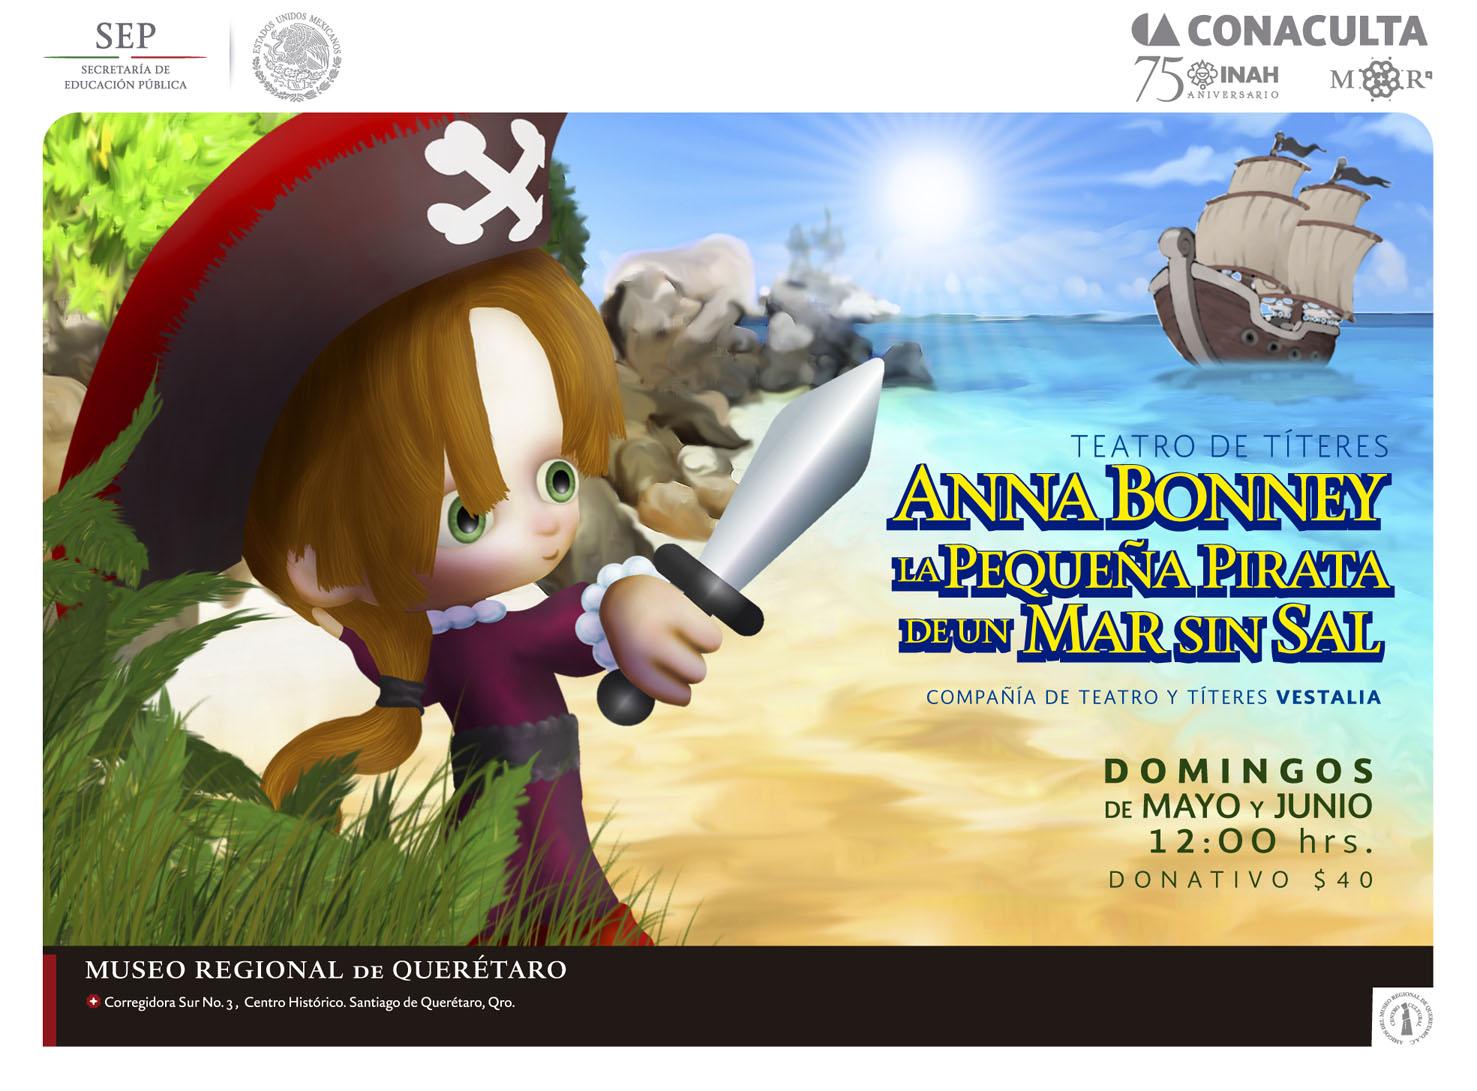 La pequeña Pirata de un Mar sin sal – Teatro de títeres